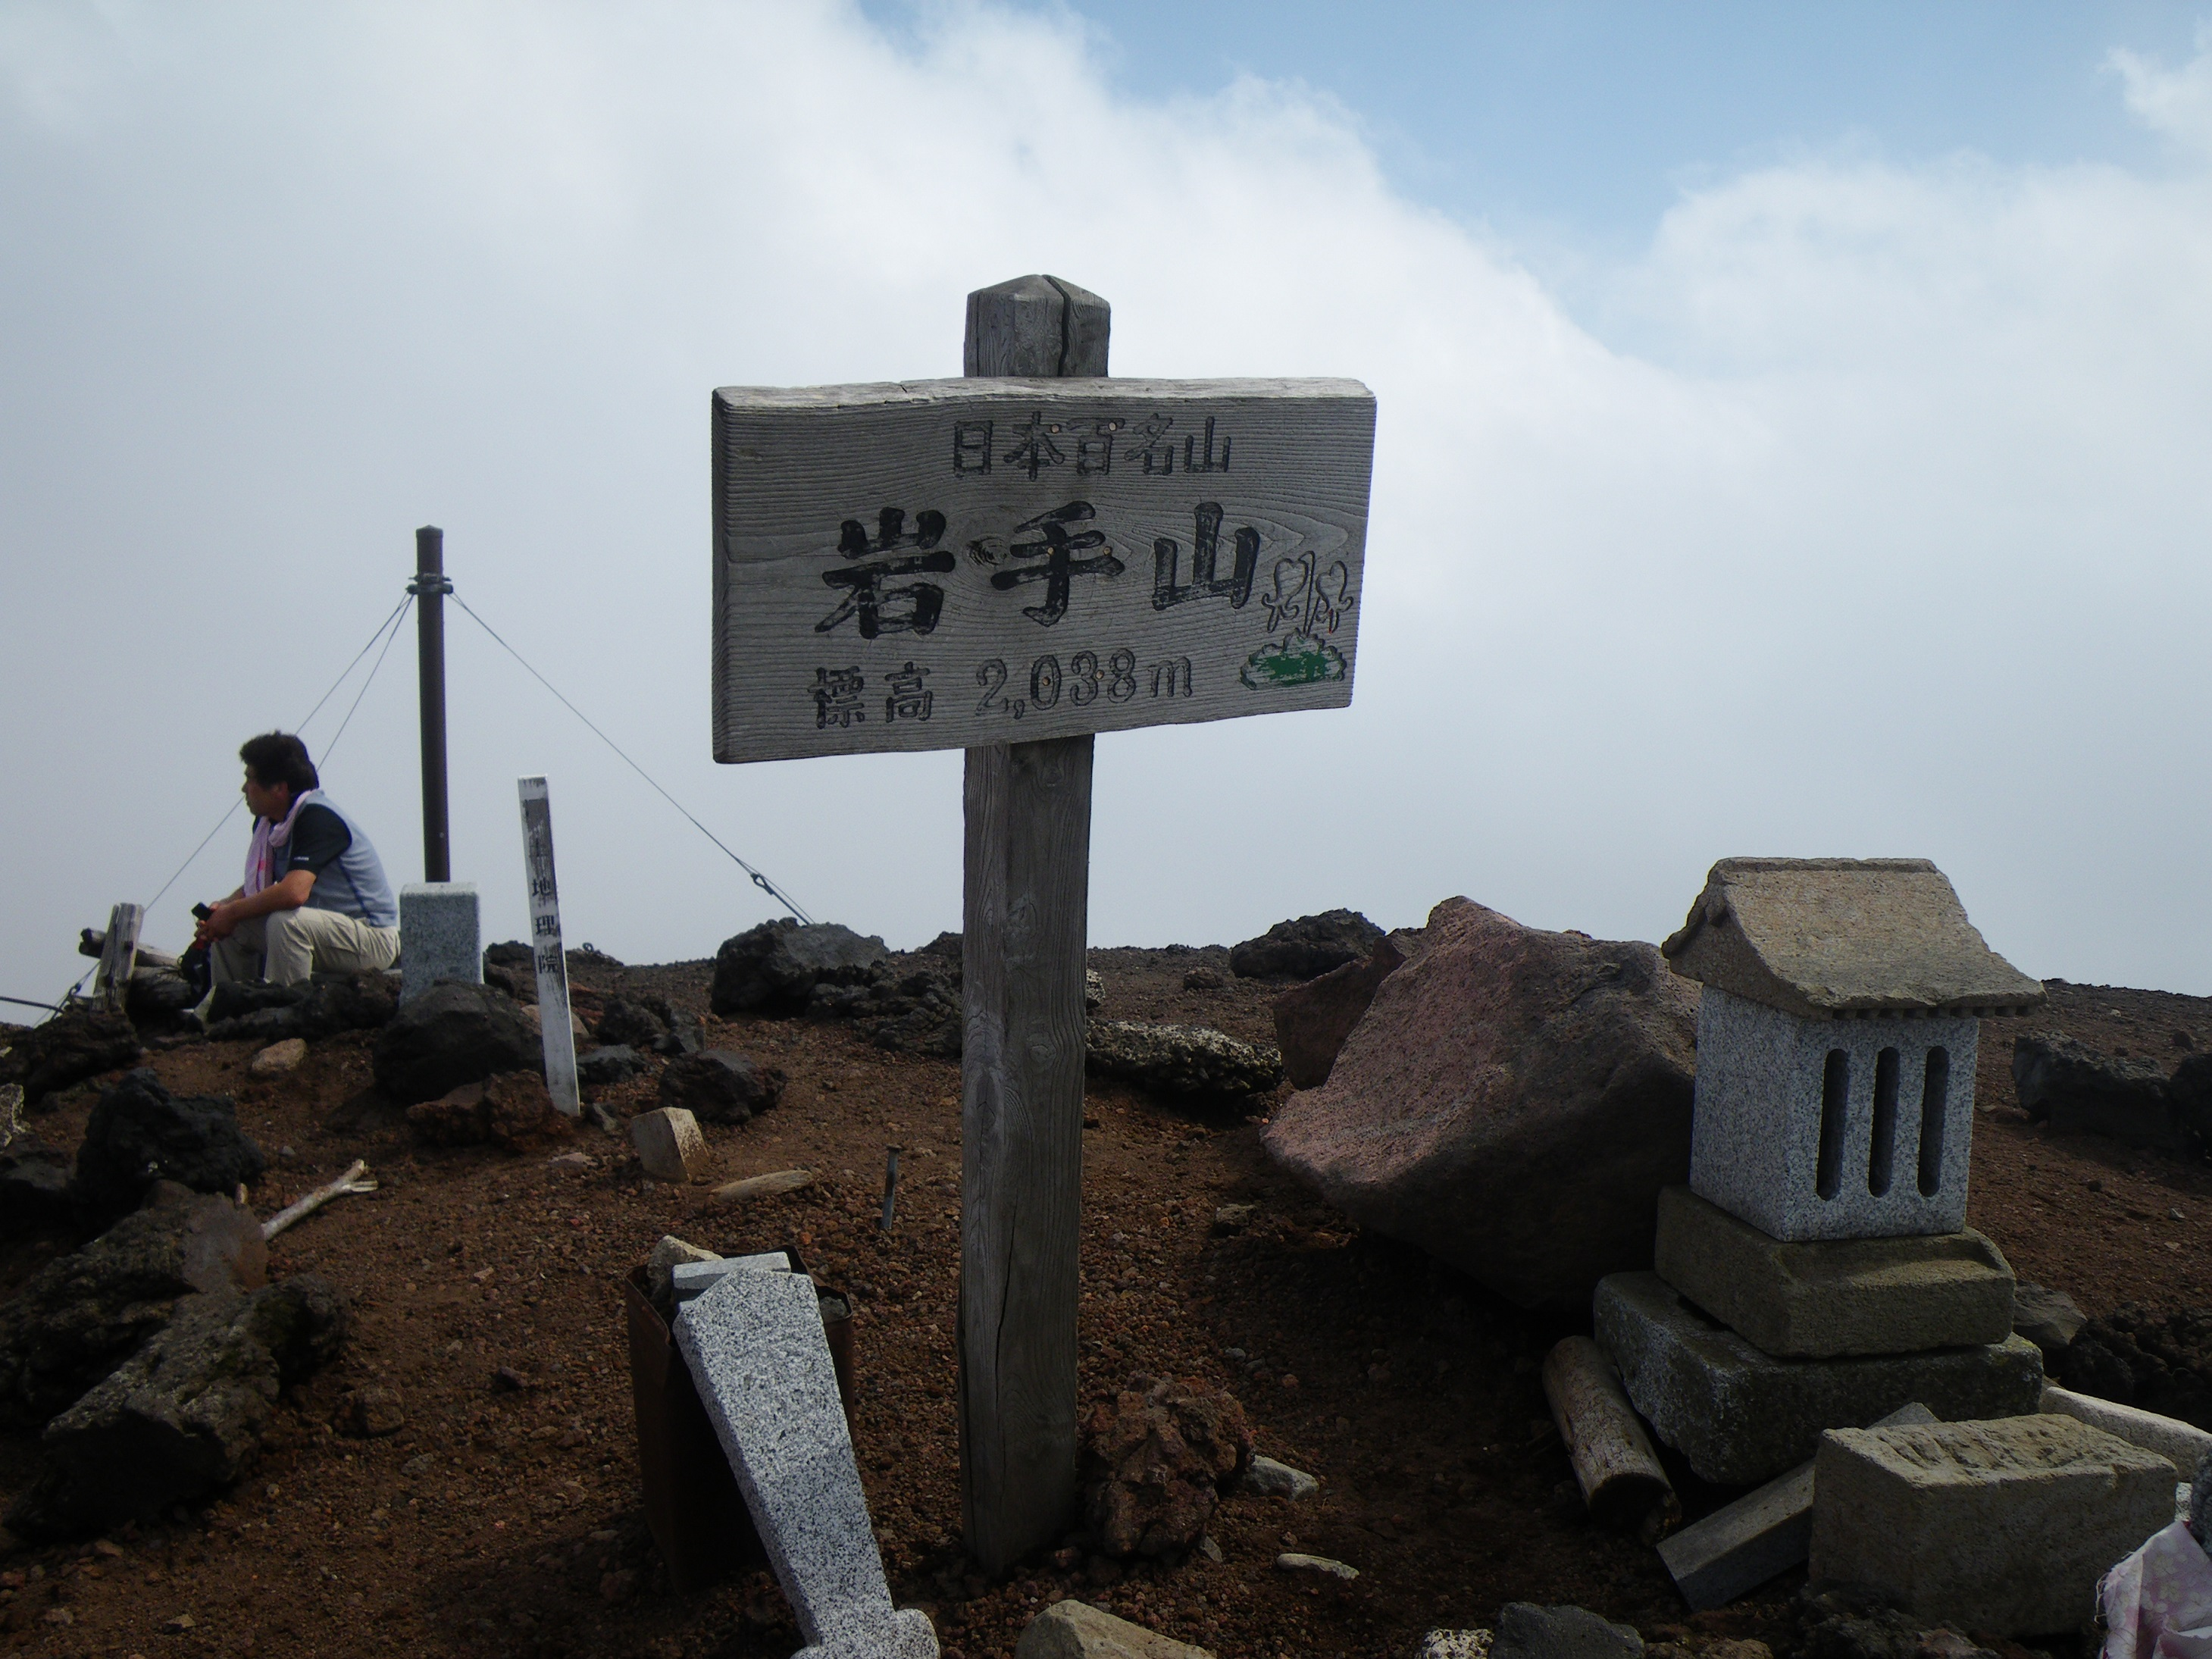 日本の名山『ペースダウンで山歩き』 コマクサやアシラネアオイが咲き乱れる花の山 ゆっくり岩手山 2日間